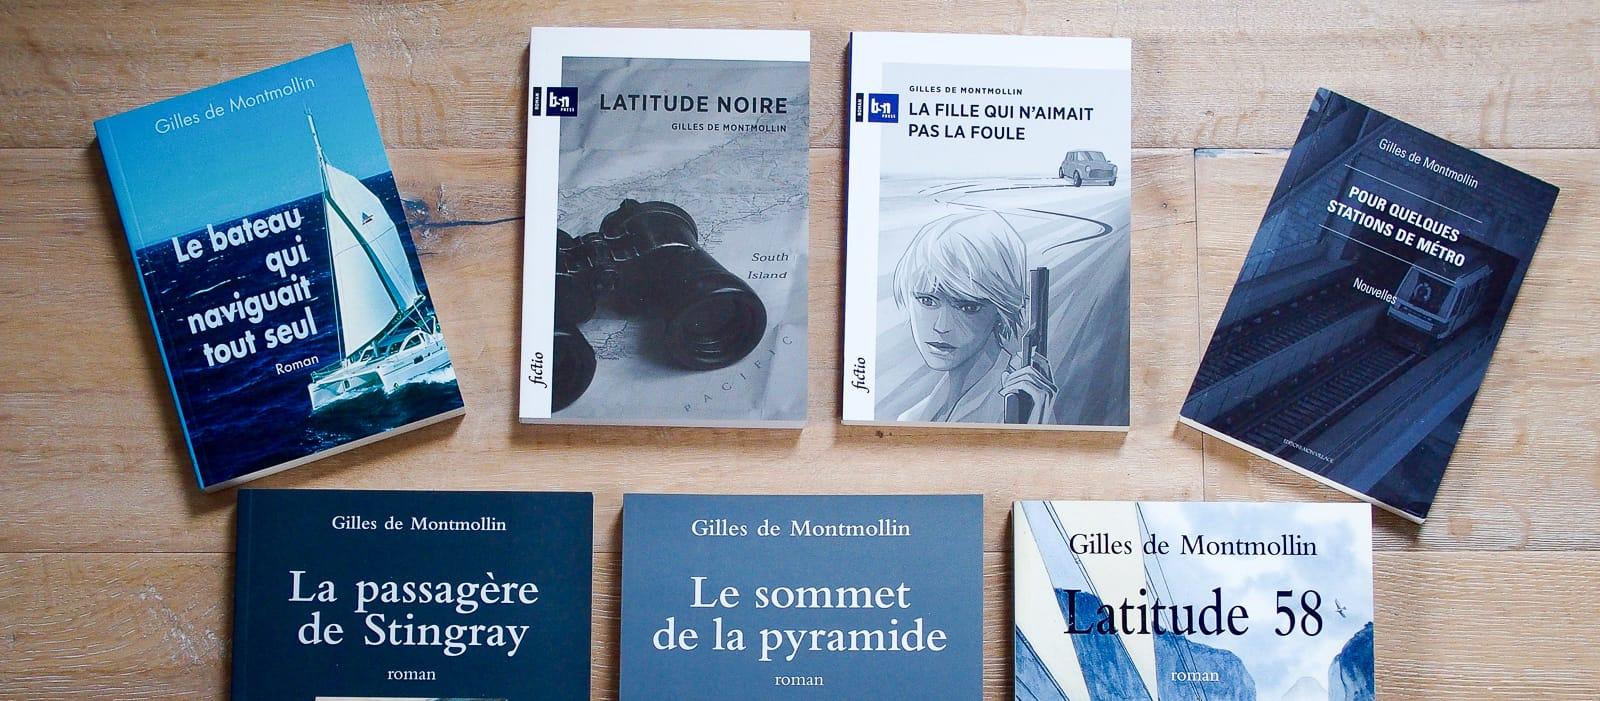 046-creativ-portrait-gilles-de-montmollin-romancier-5